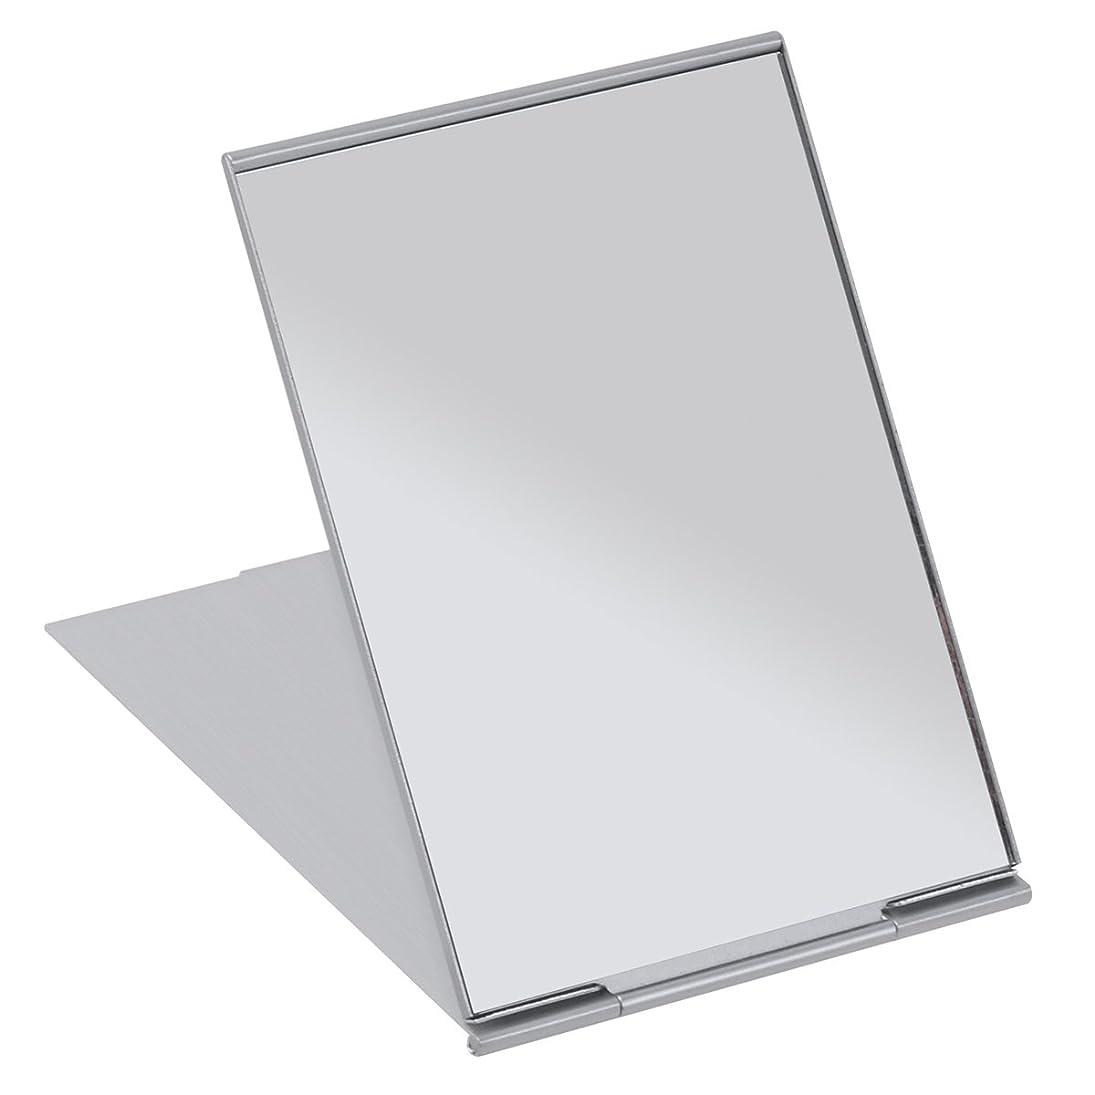 道路ベーリング海峡空FRCOLOR 化粧鏡 携帯ミラー 折りたたみミラー 化粧ミラー コンパクトミラー 11.5*8cm 持ち運びに便利 (シルバー)